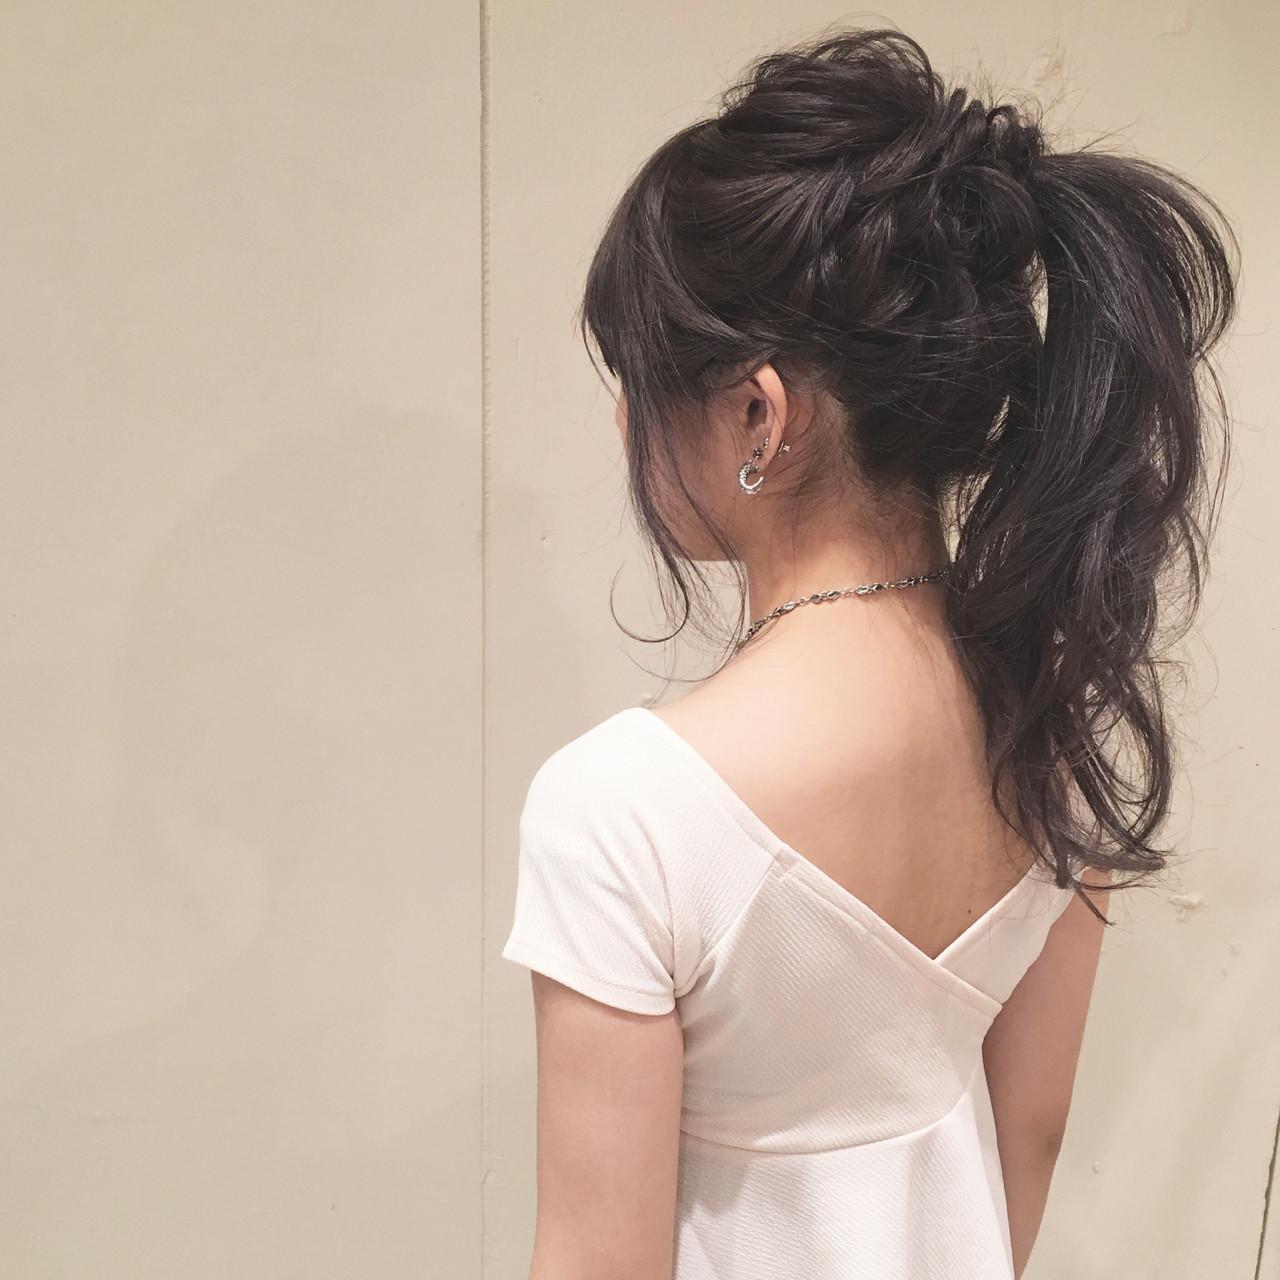 ポニーテール ナチュラル ヘアアレンジ ロング ヘアスタイルや髪型の写真・画像 | 平川 元気 / MAPUNA